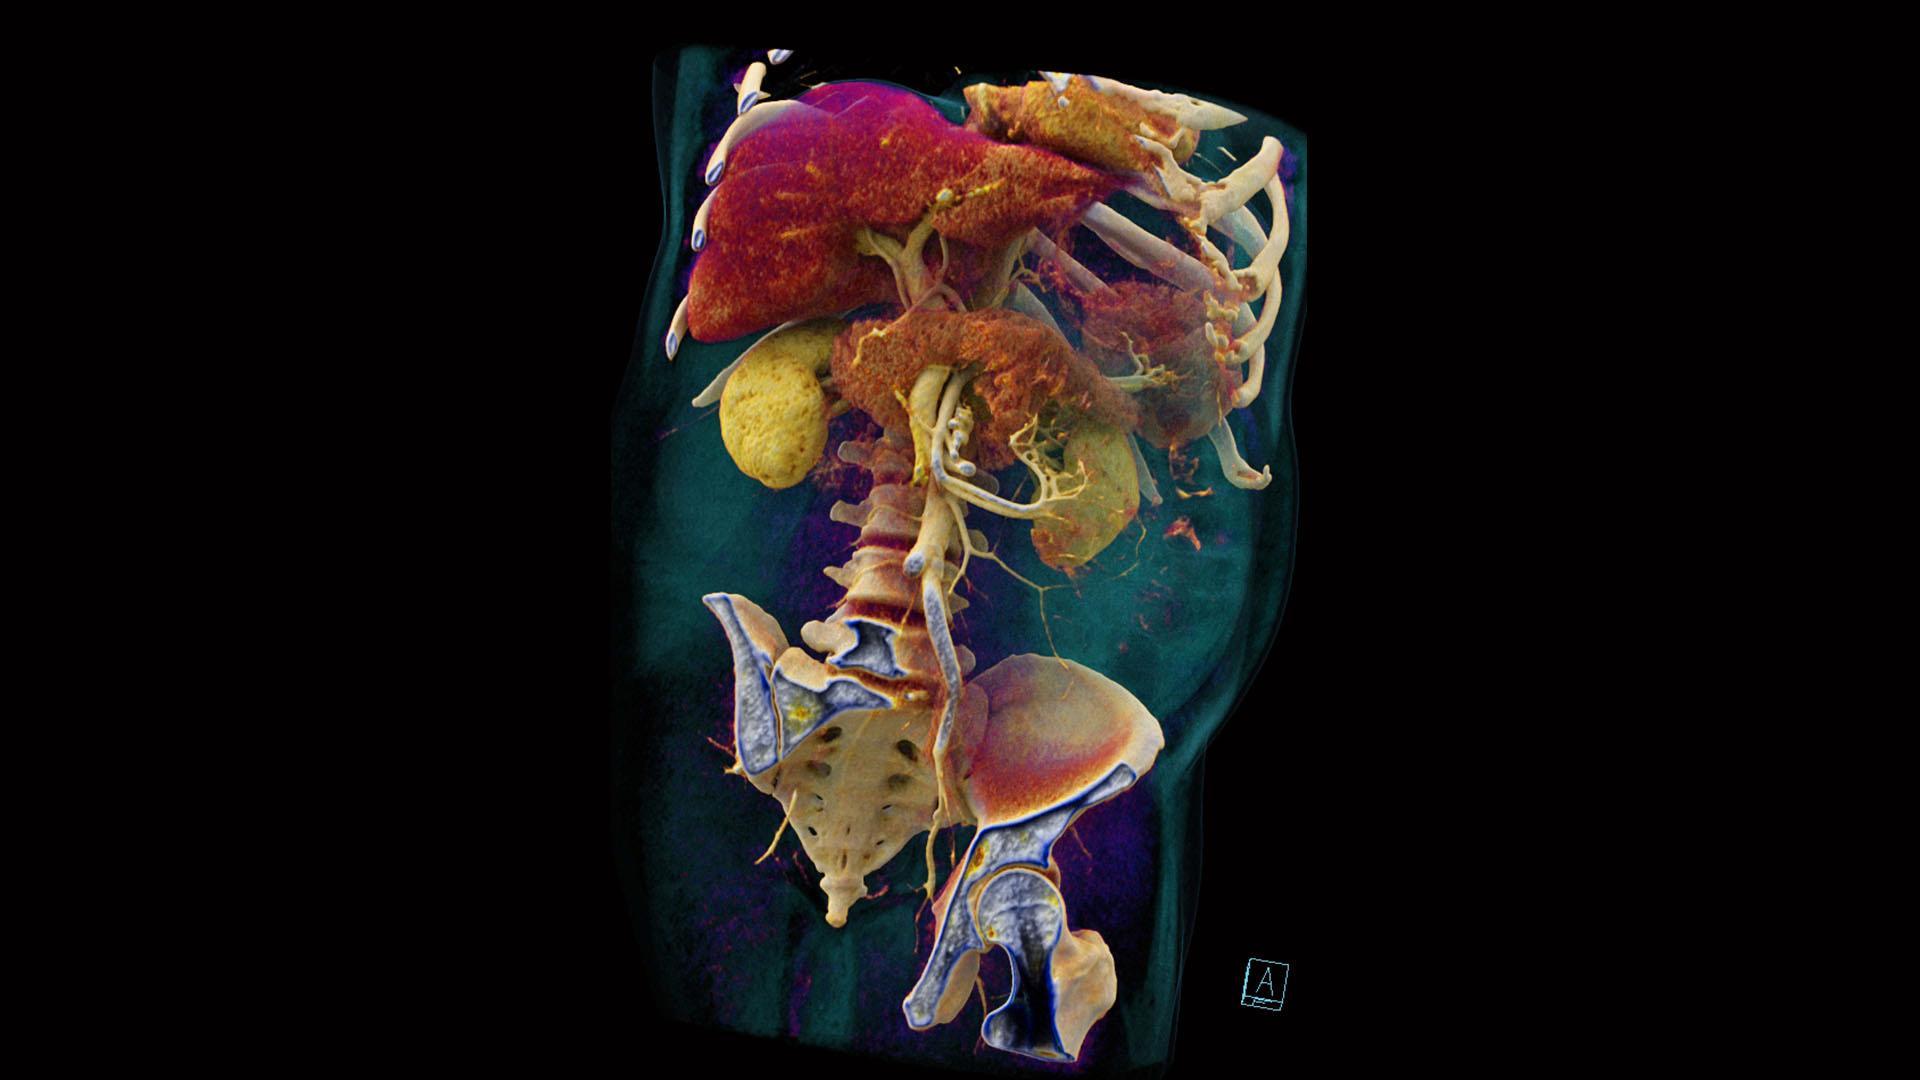 A cVRT image shows an annular pancreas in 3D.